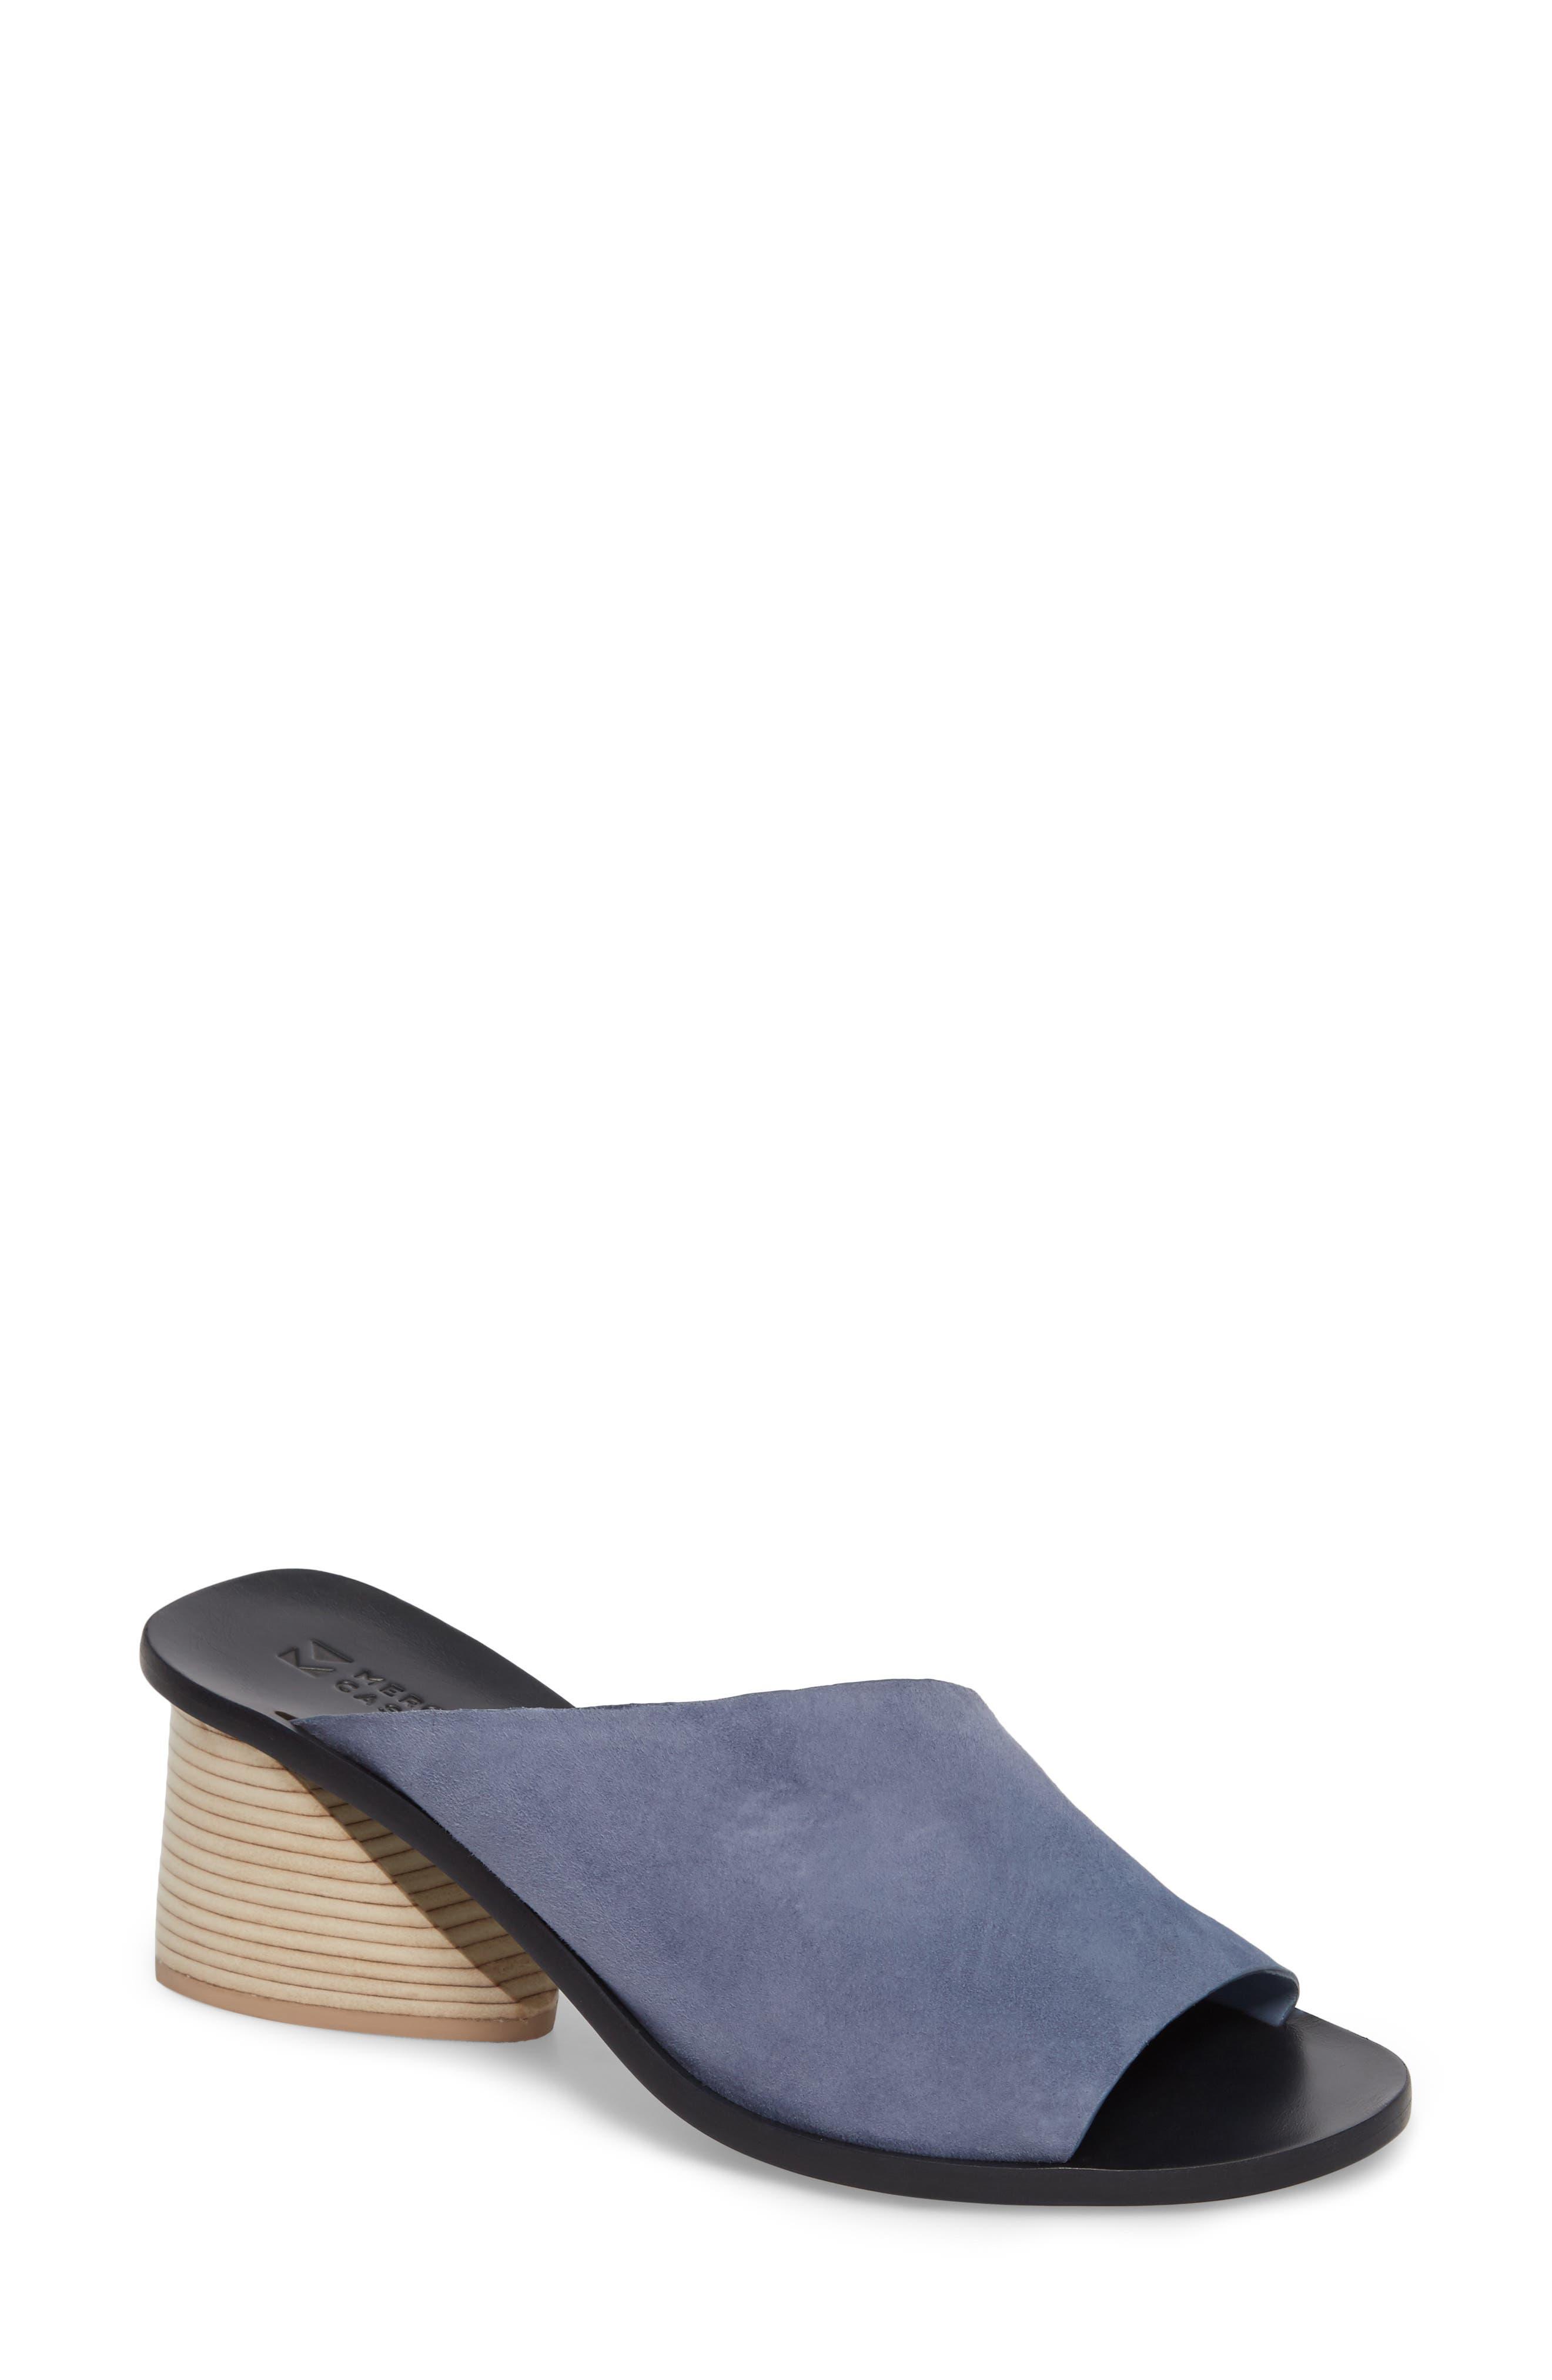 Main Image - Mercedes Castillo Izar Slide Sandal (Women)